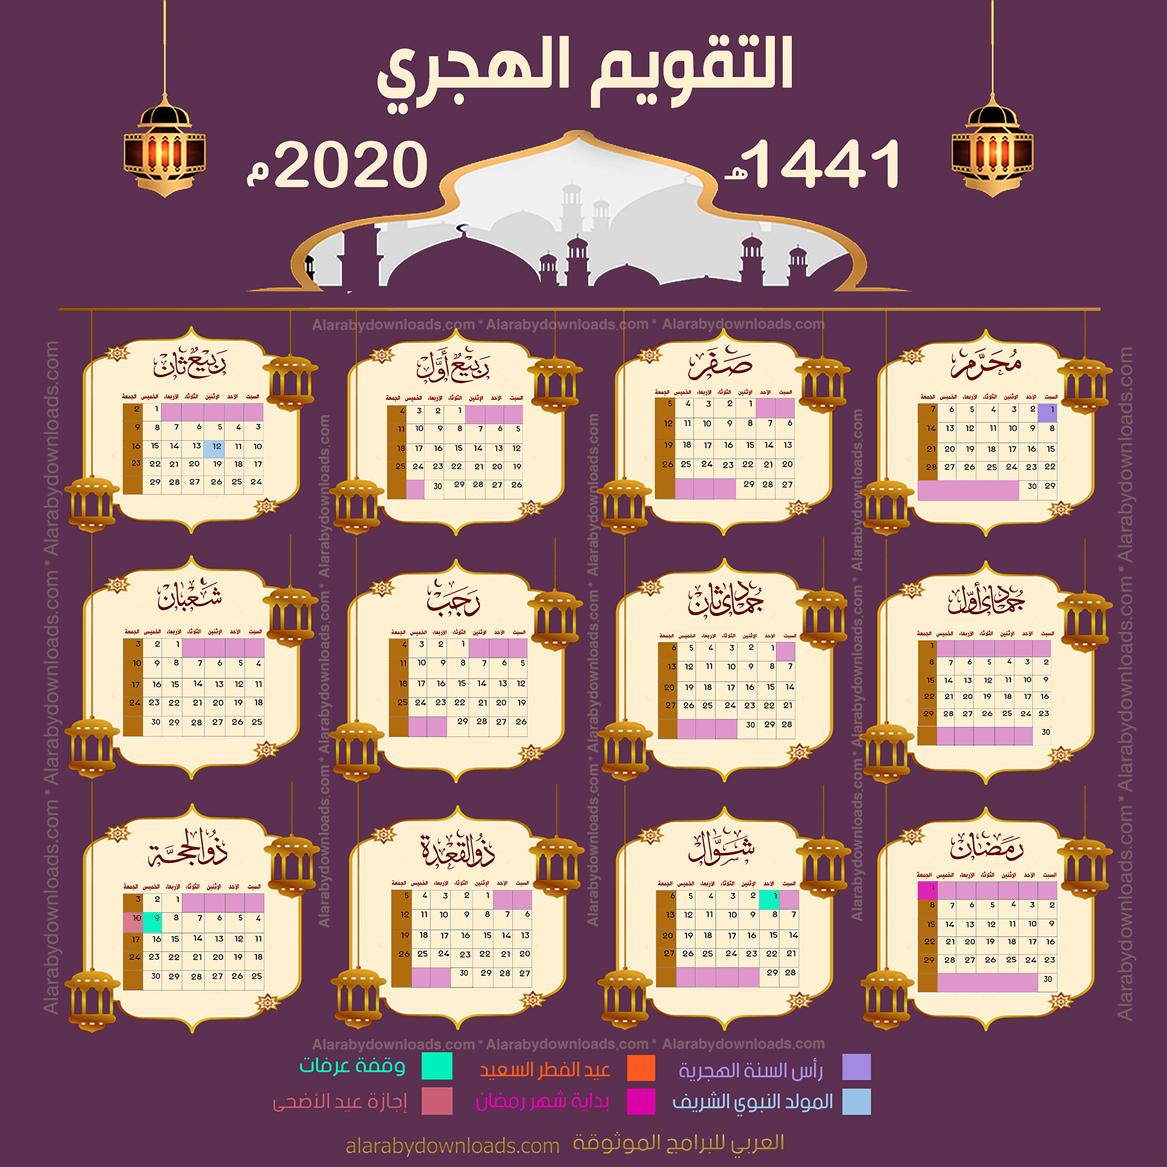 تحميل التقويم الهجري Islamic Calendar 1441 التقويم الهجري 1441 أم القرى